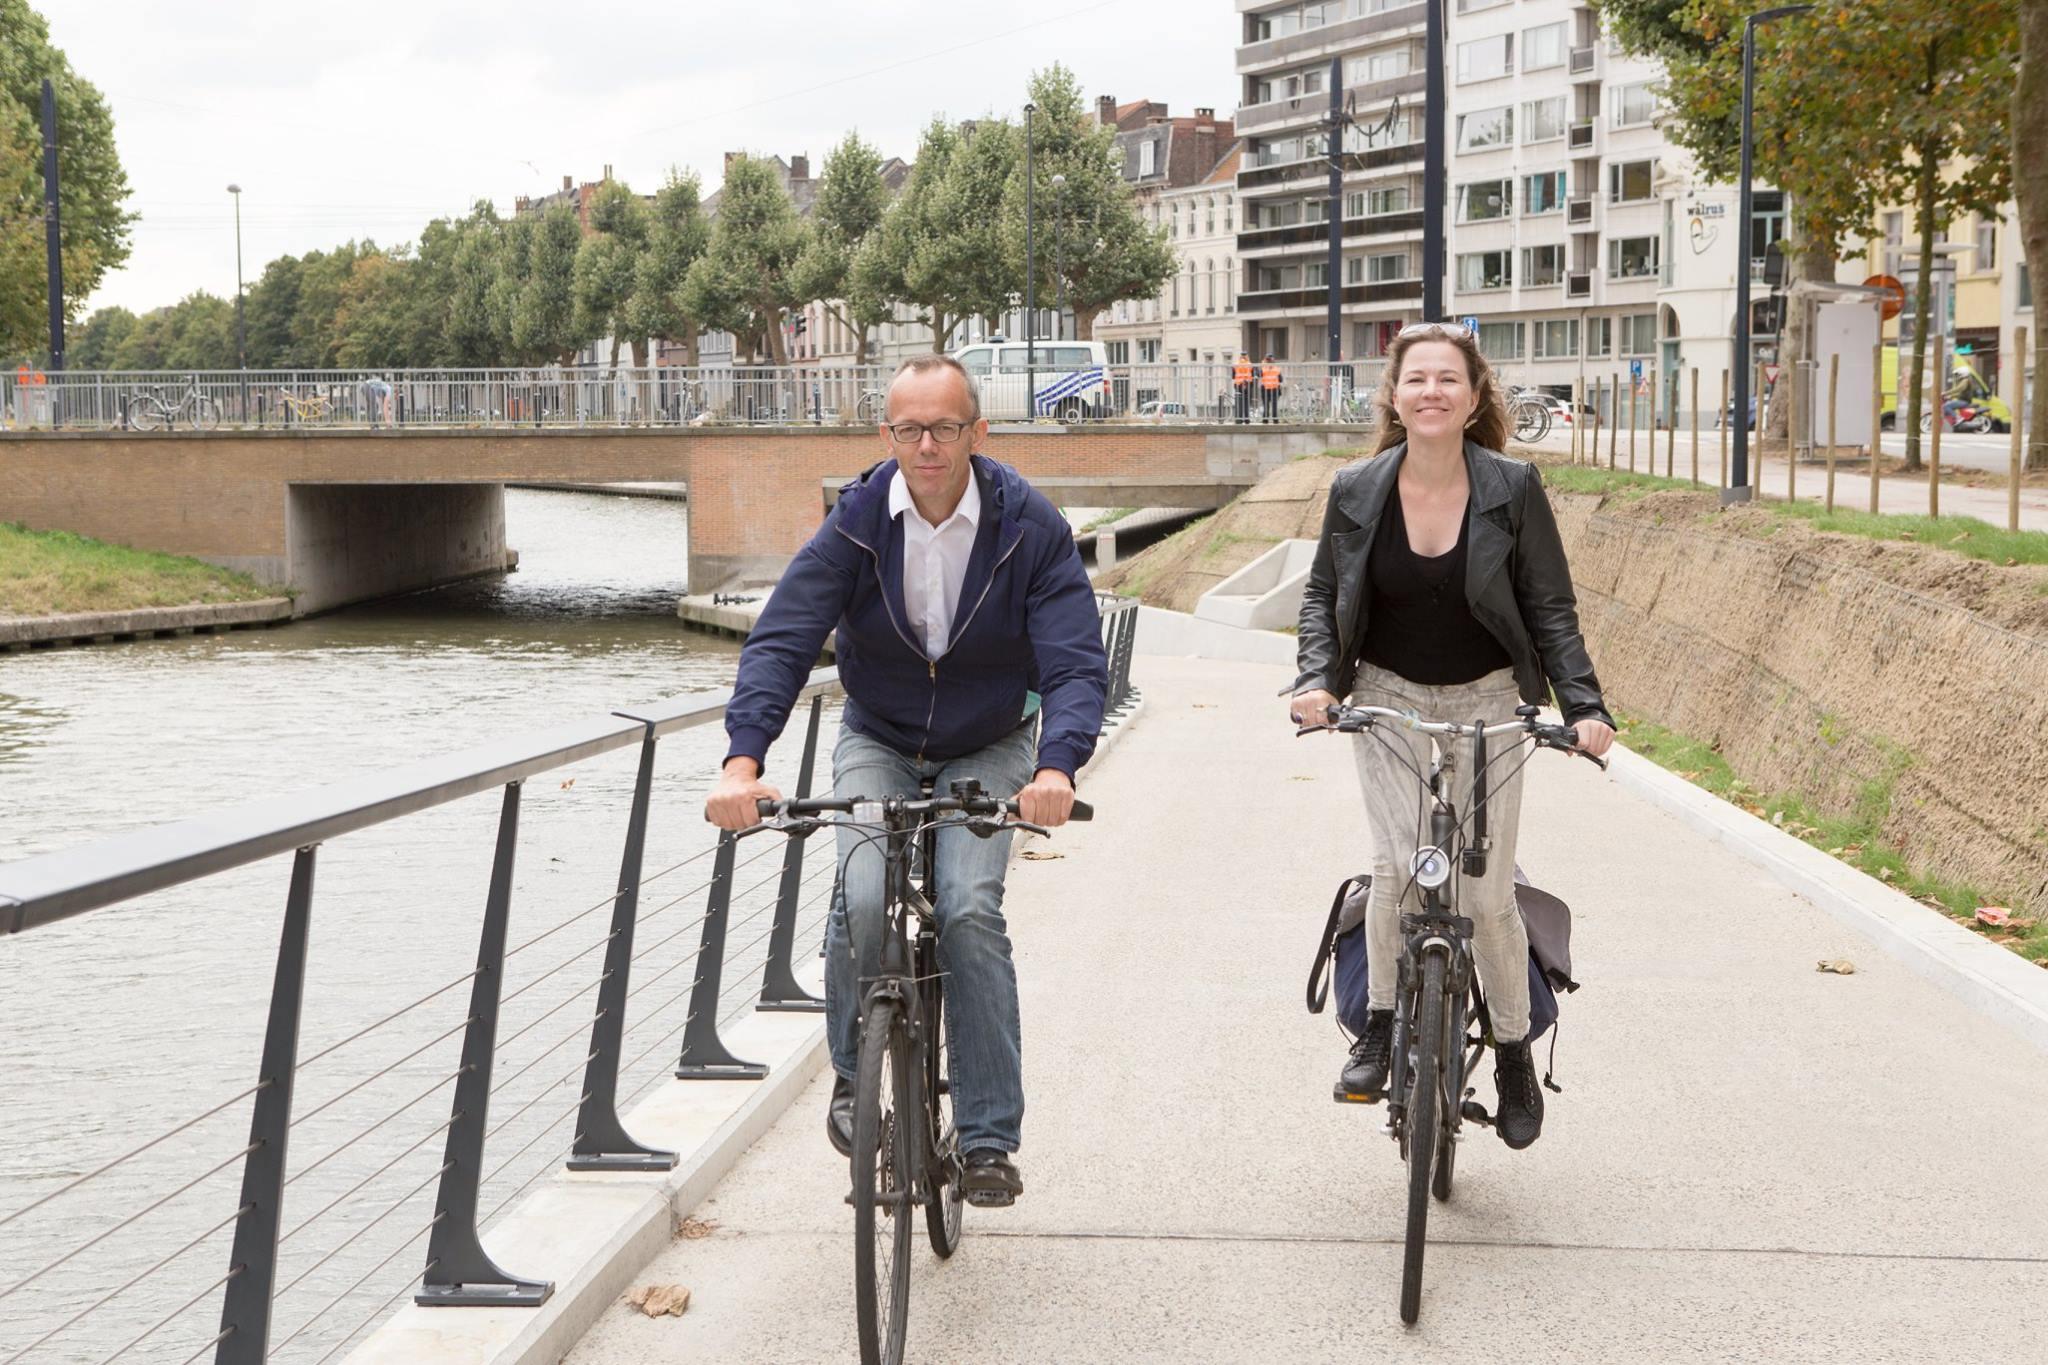 <h2>mobiliteit </h2><div>Veilige straten voor fietsers en wandelaars, daar wil ik elke dag opnieuw voor vechten</div>